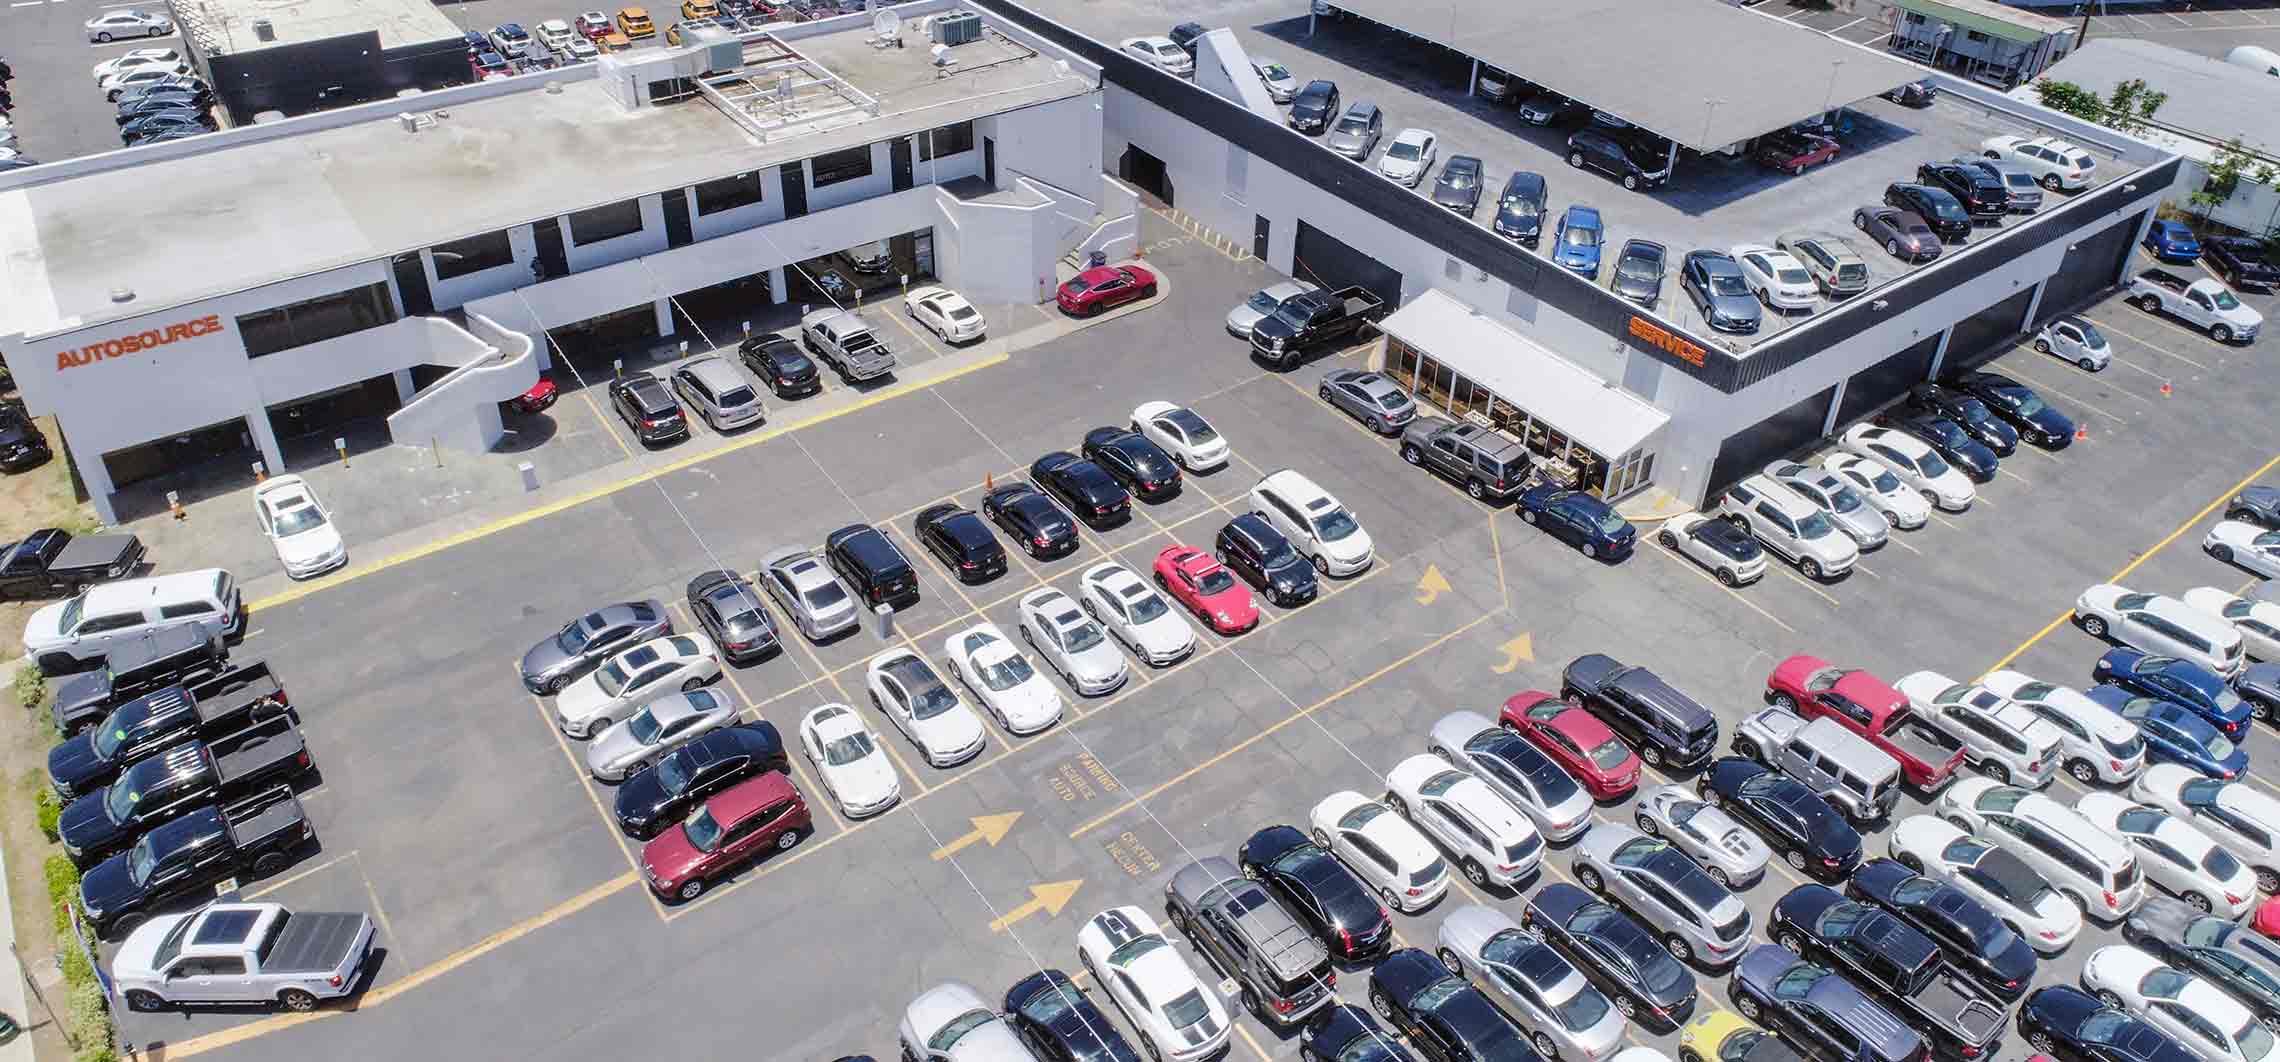 Dodge Magnum AUTOSOURCE Automobile dealership